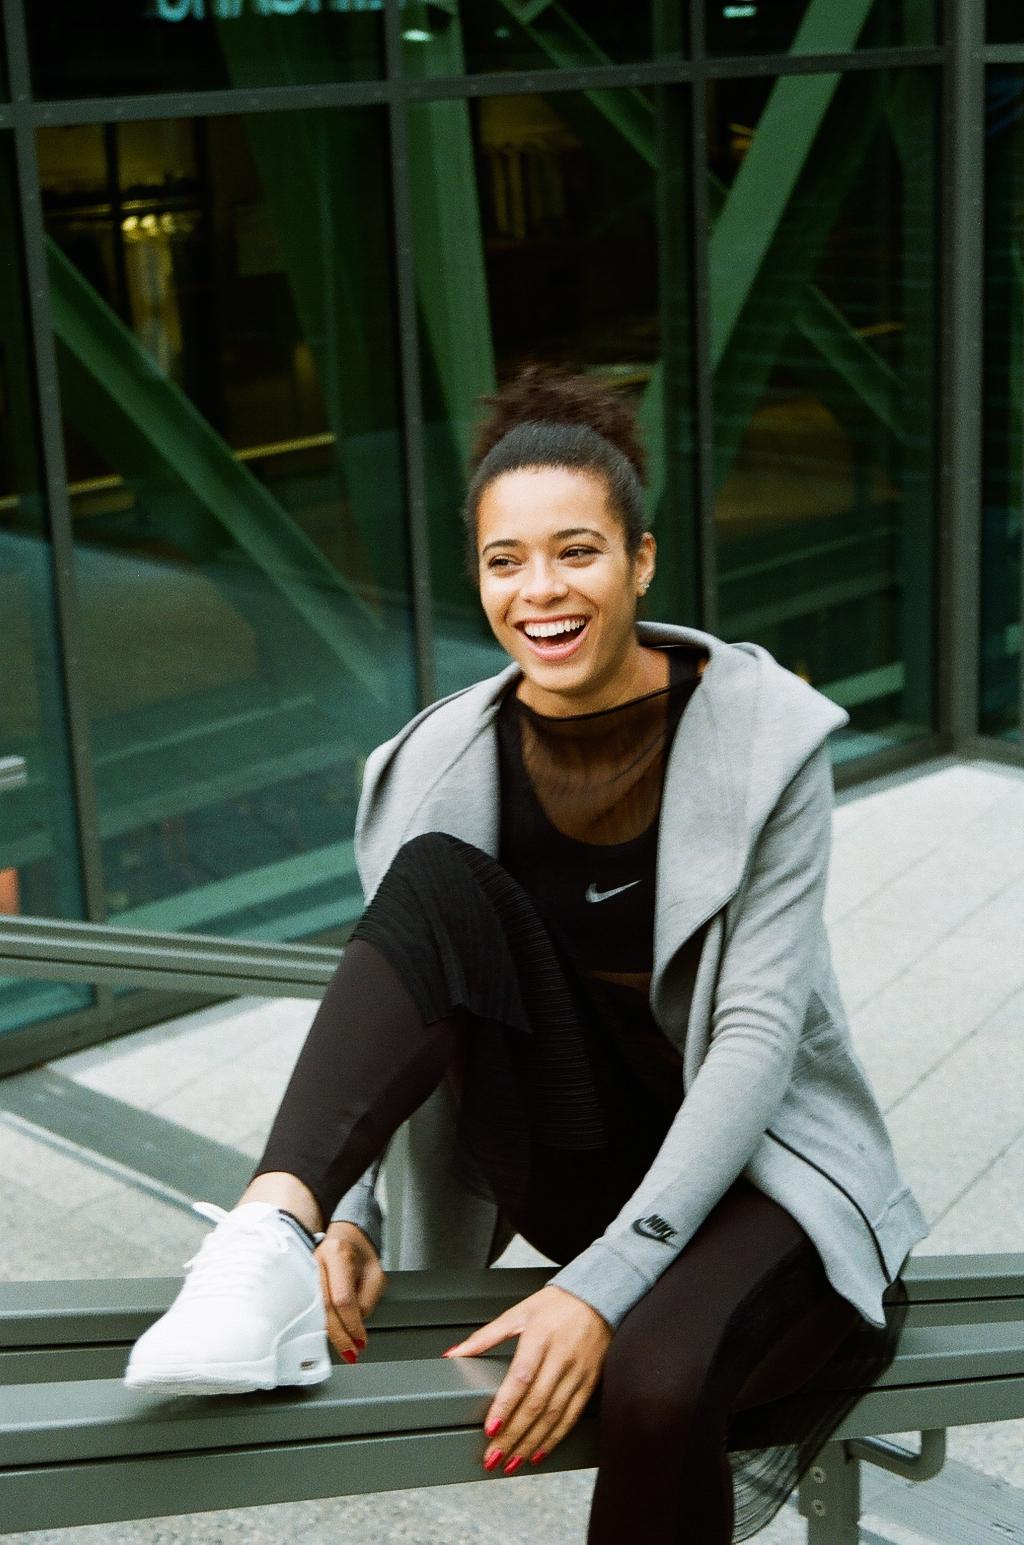 Meet Sports Crack Marie Laurence Jungfleisch Indie Magazine